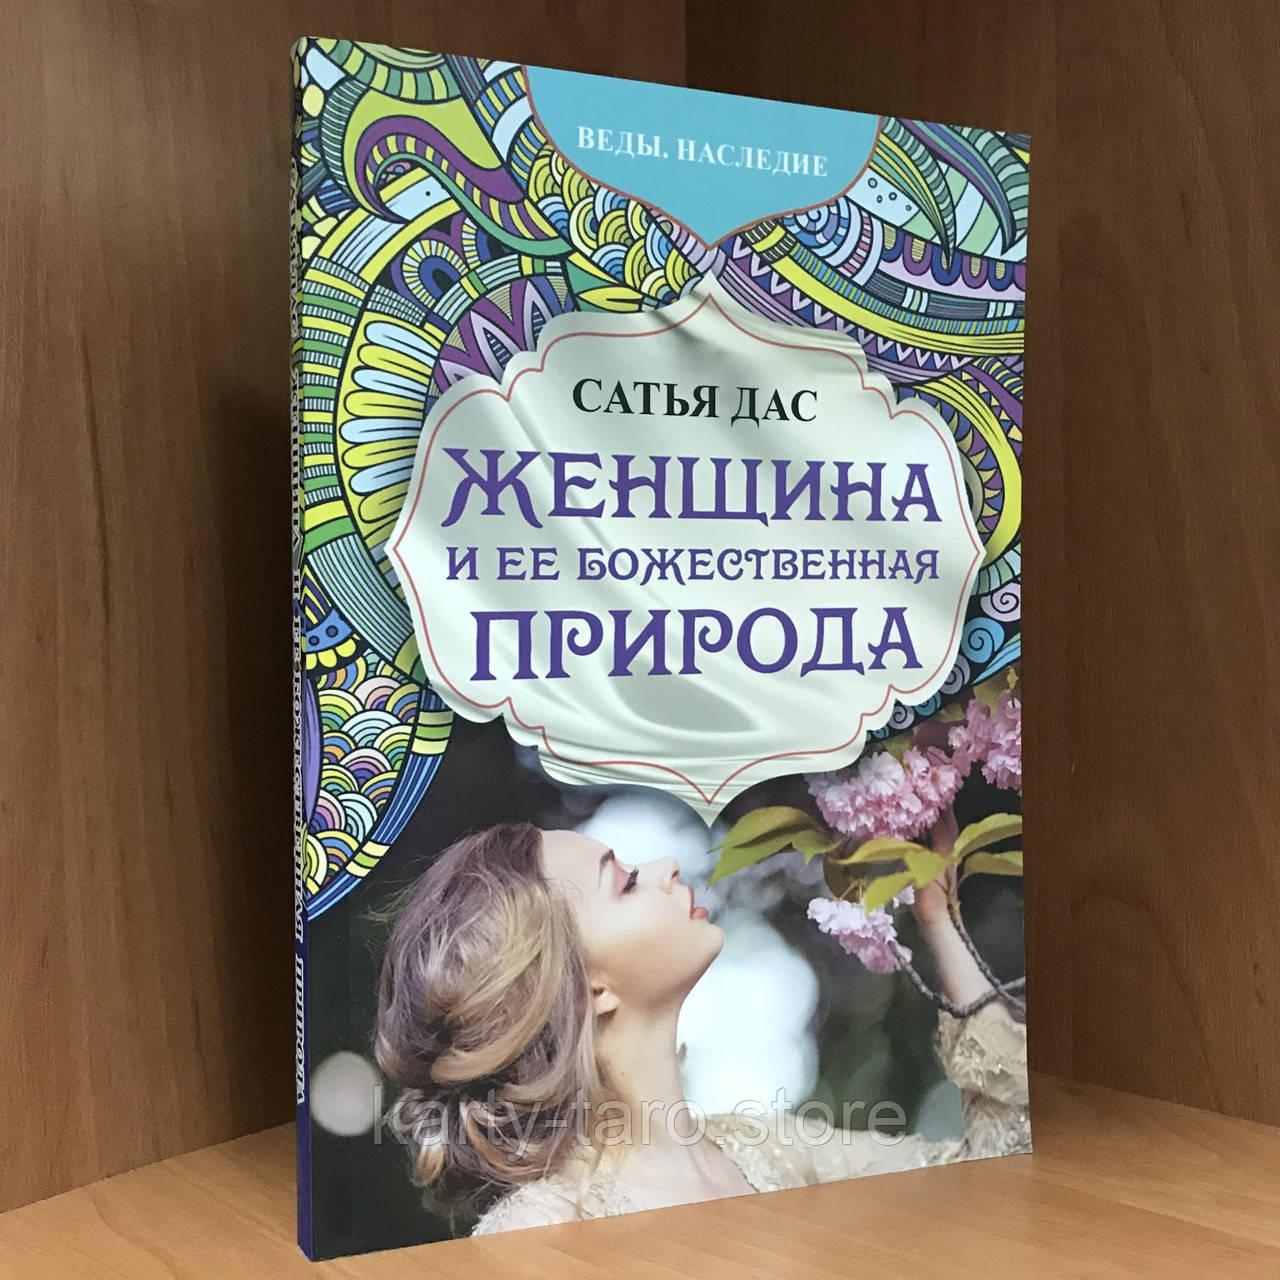 Книга Женщина и ее божественная природа - Сатья Дас